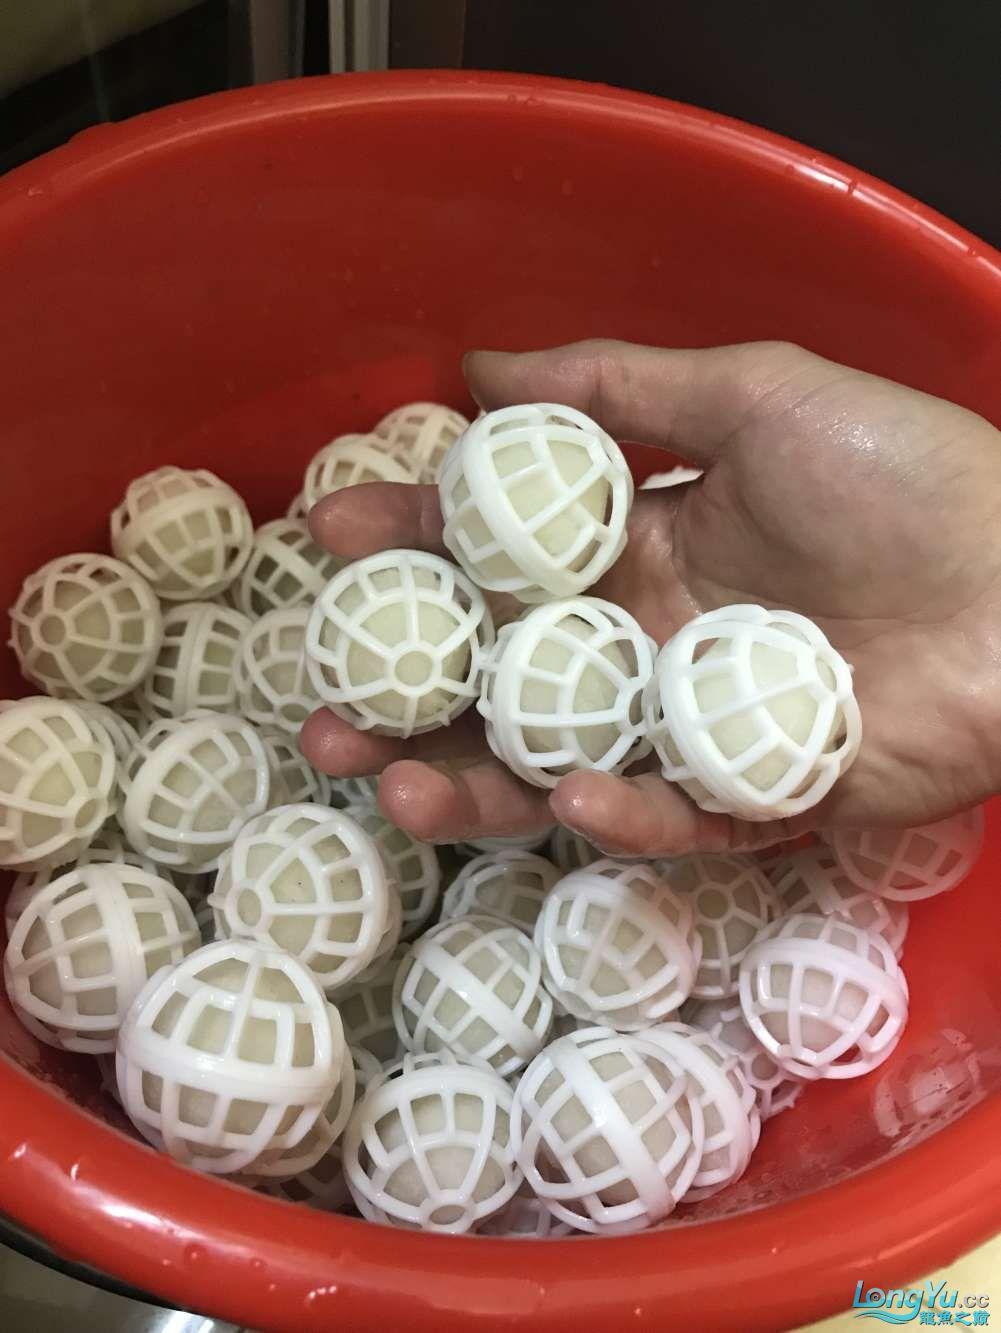 重庆粗线银板鱼哪个店的最好新人再次入水开缸大吉 重庆观赏鱼 重庆水族批发市场第52张